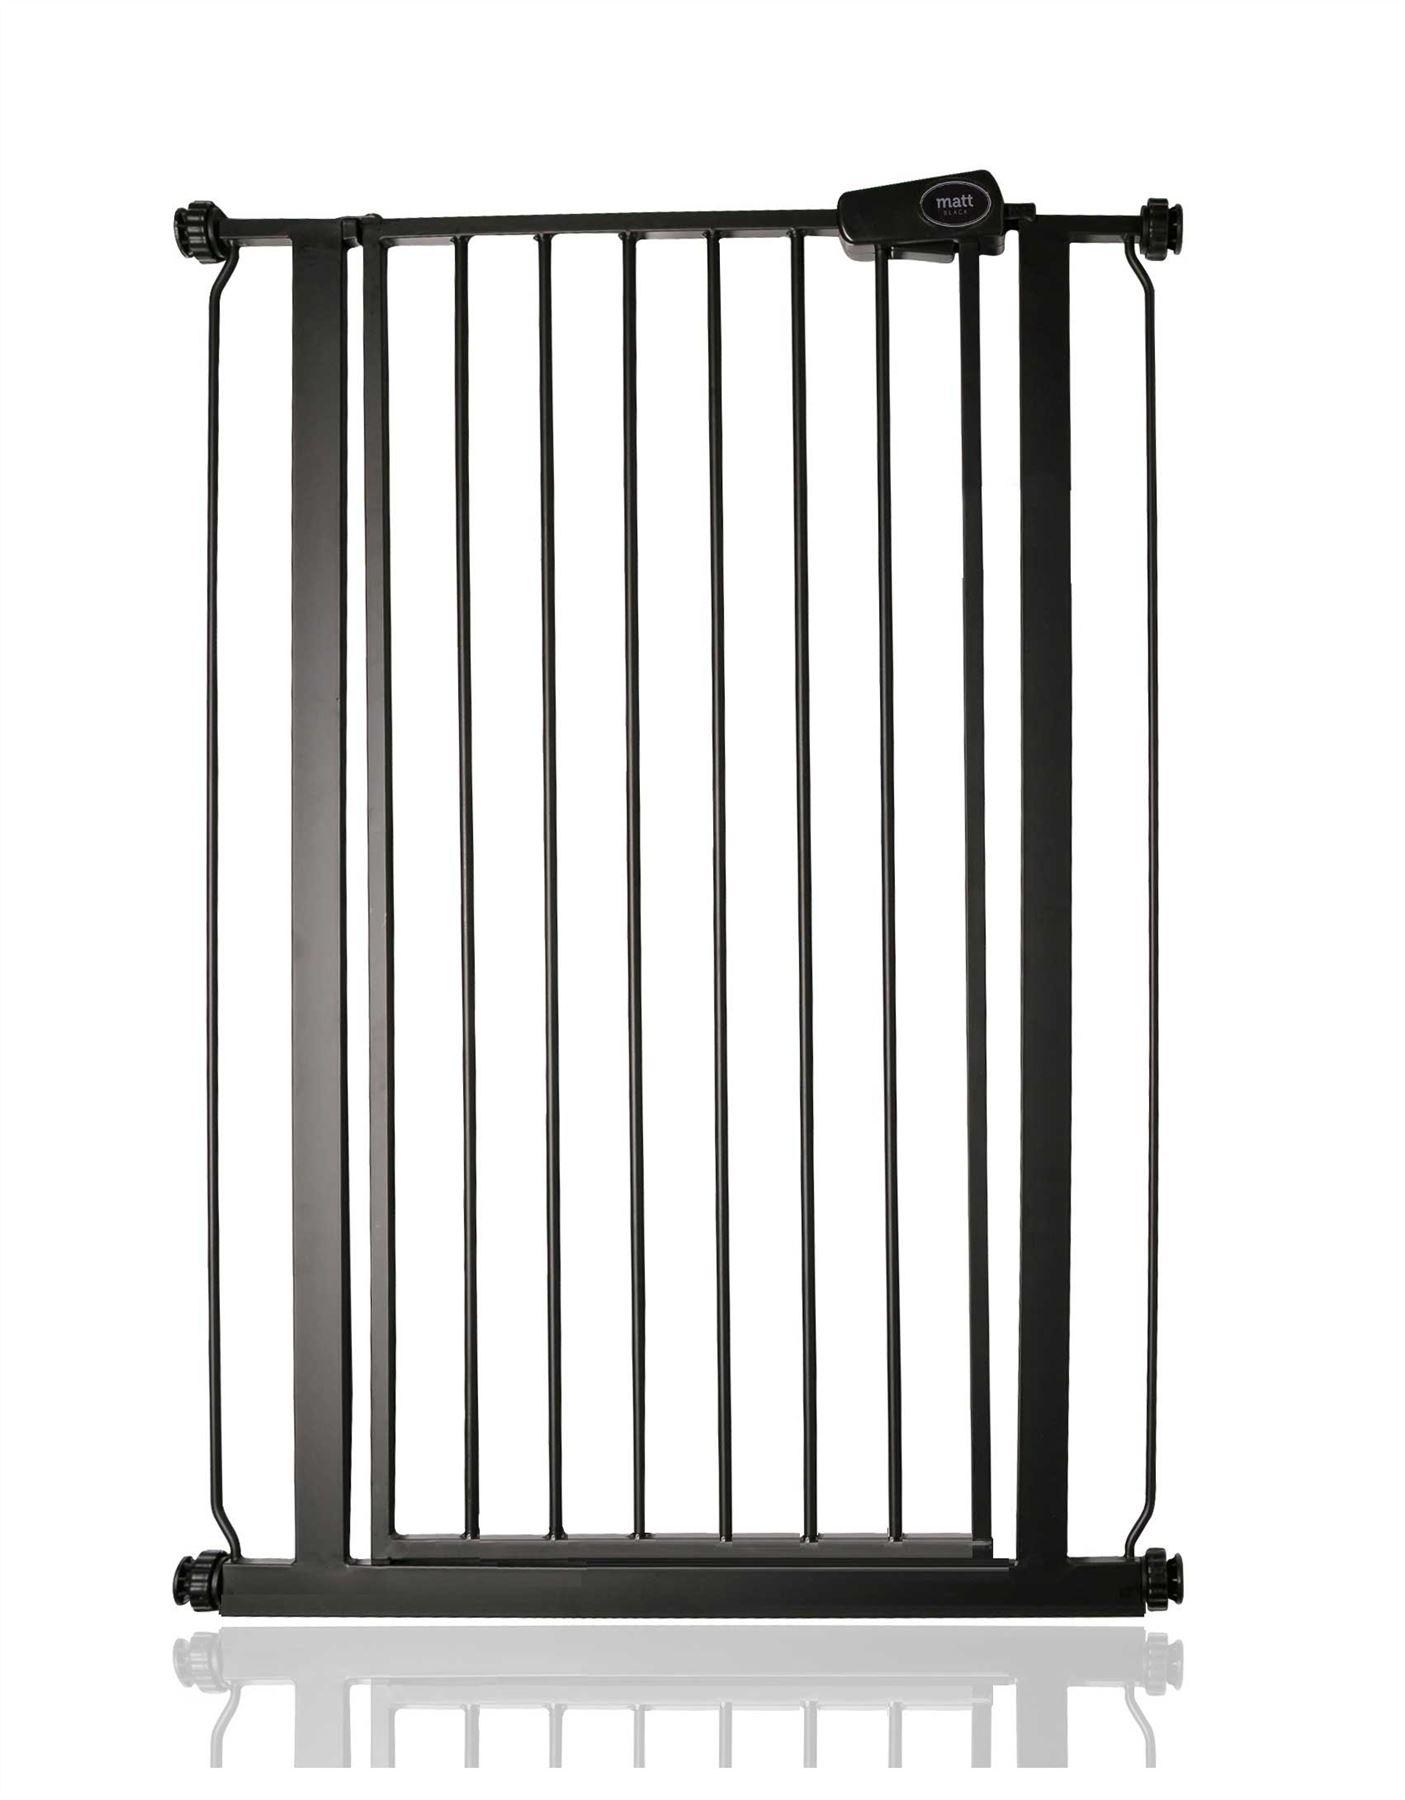 Safetots Enfant Et Animal Barrière De Sécurité Extra Haute Noire Mat 75-147,4cm